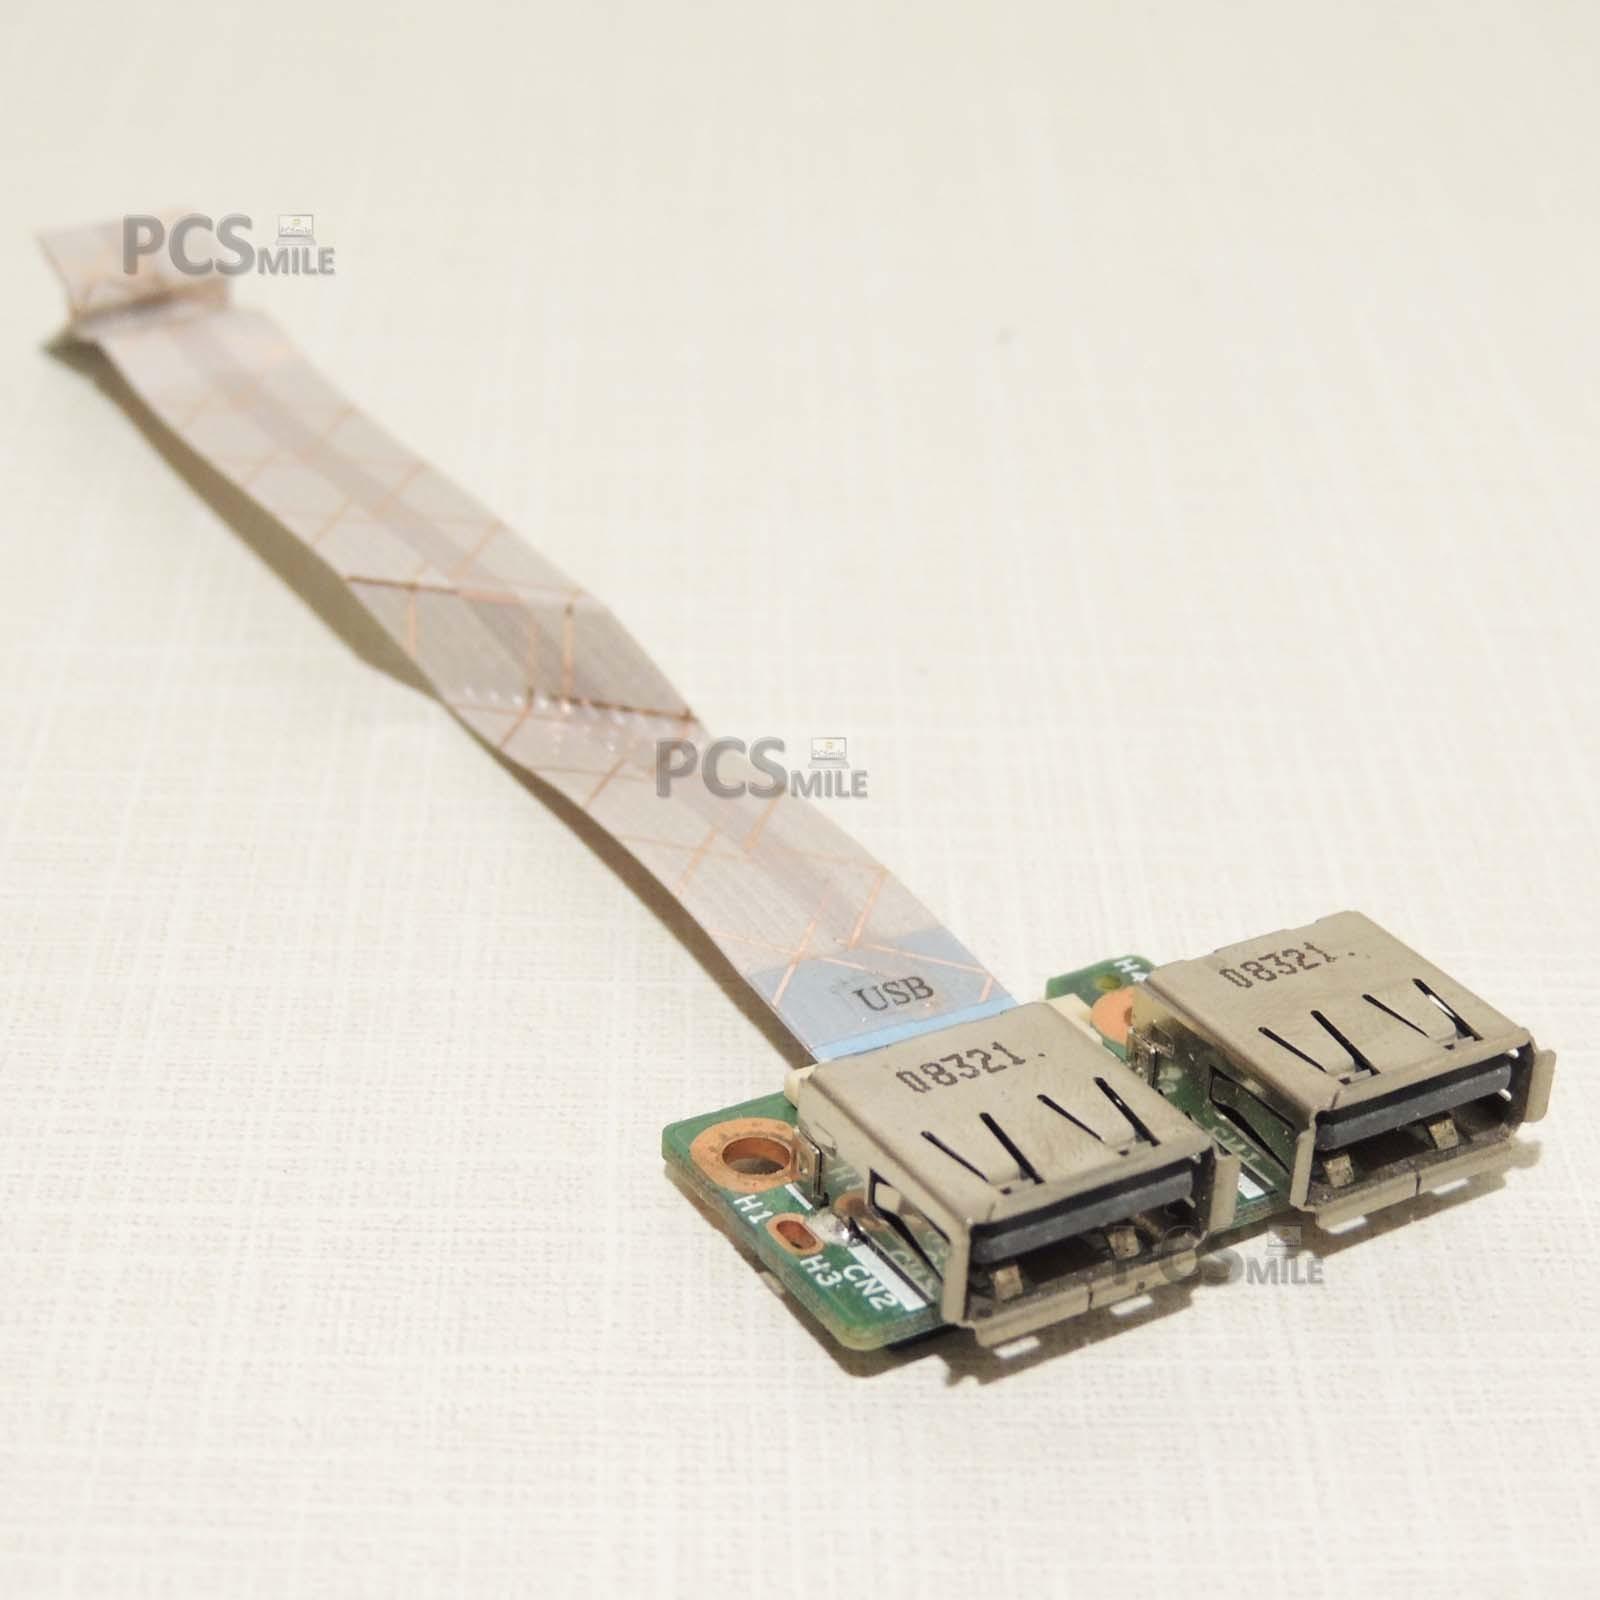 HP Pavilion DV5-1102el USB BOARD